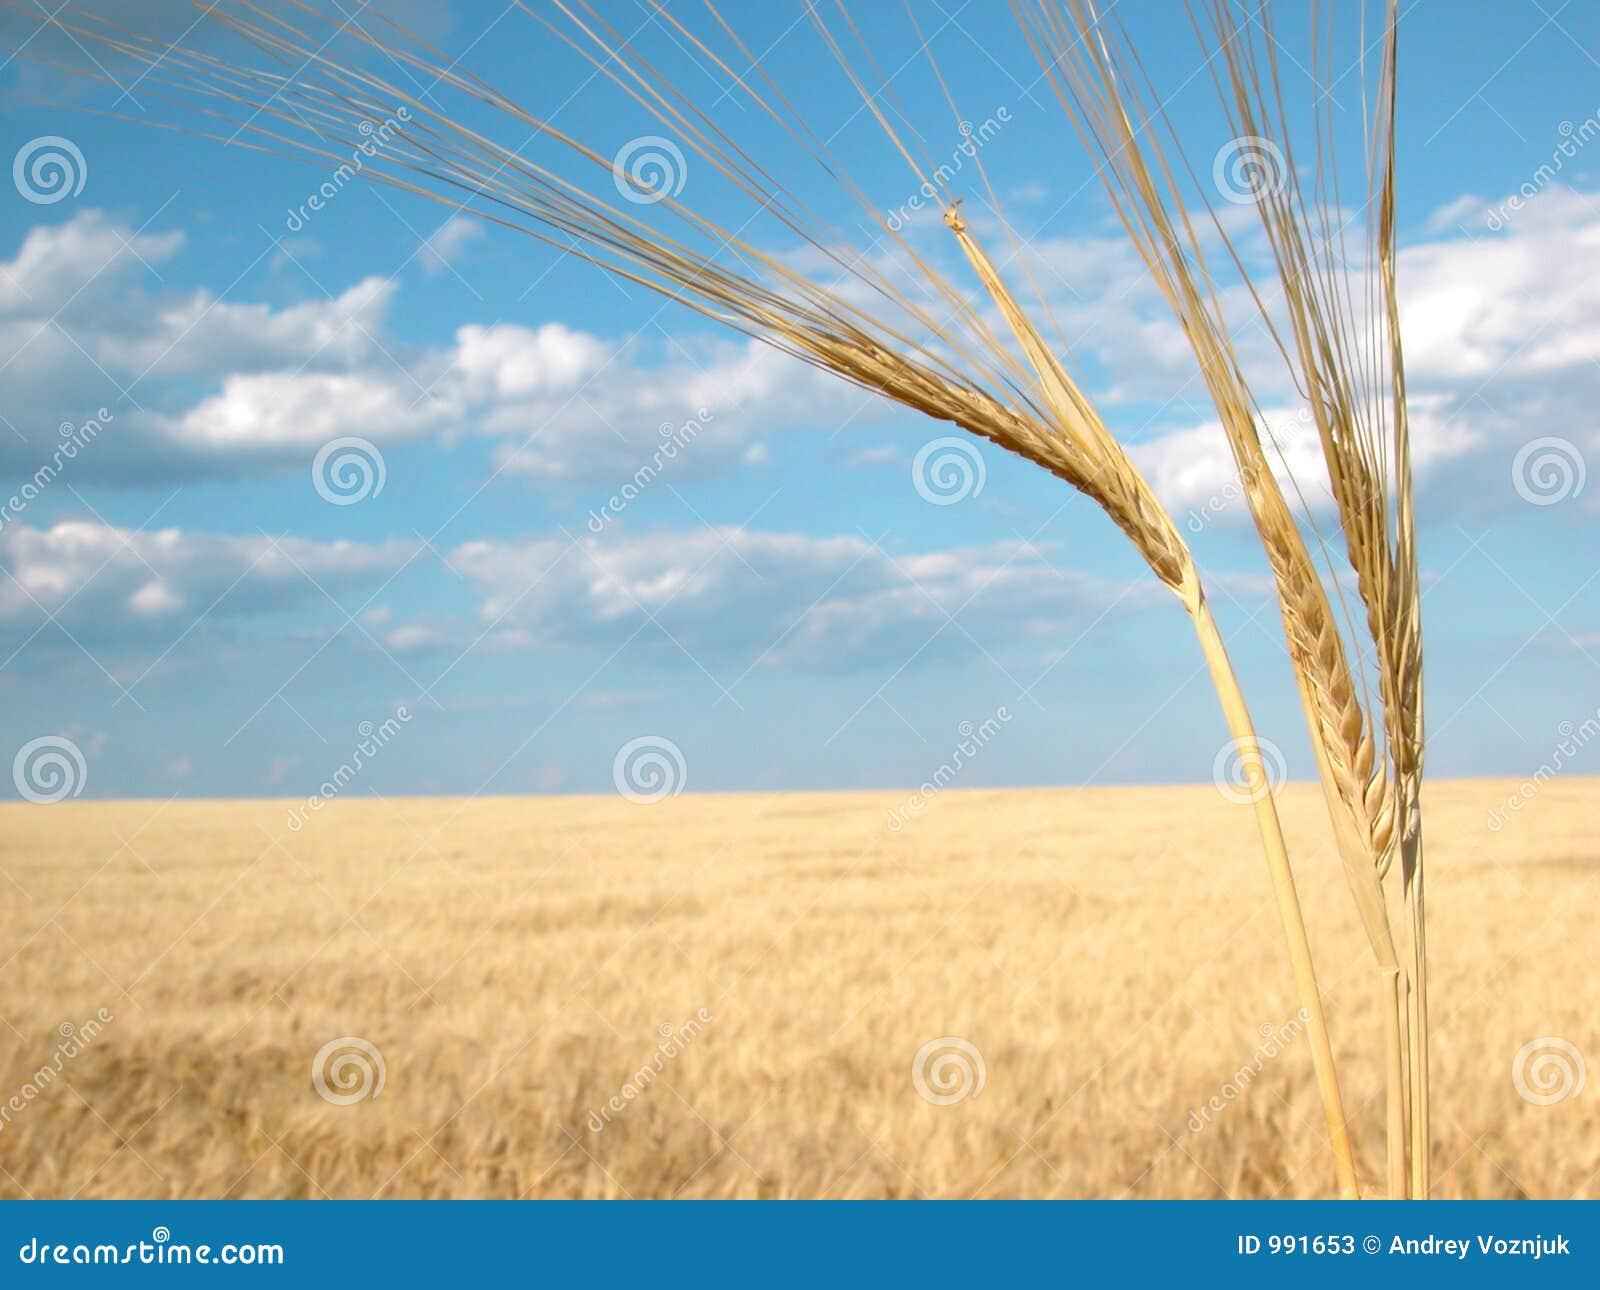 Wheat03